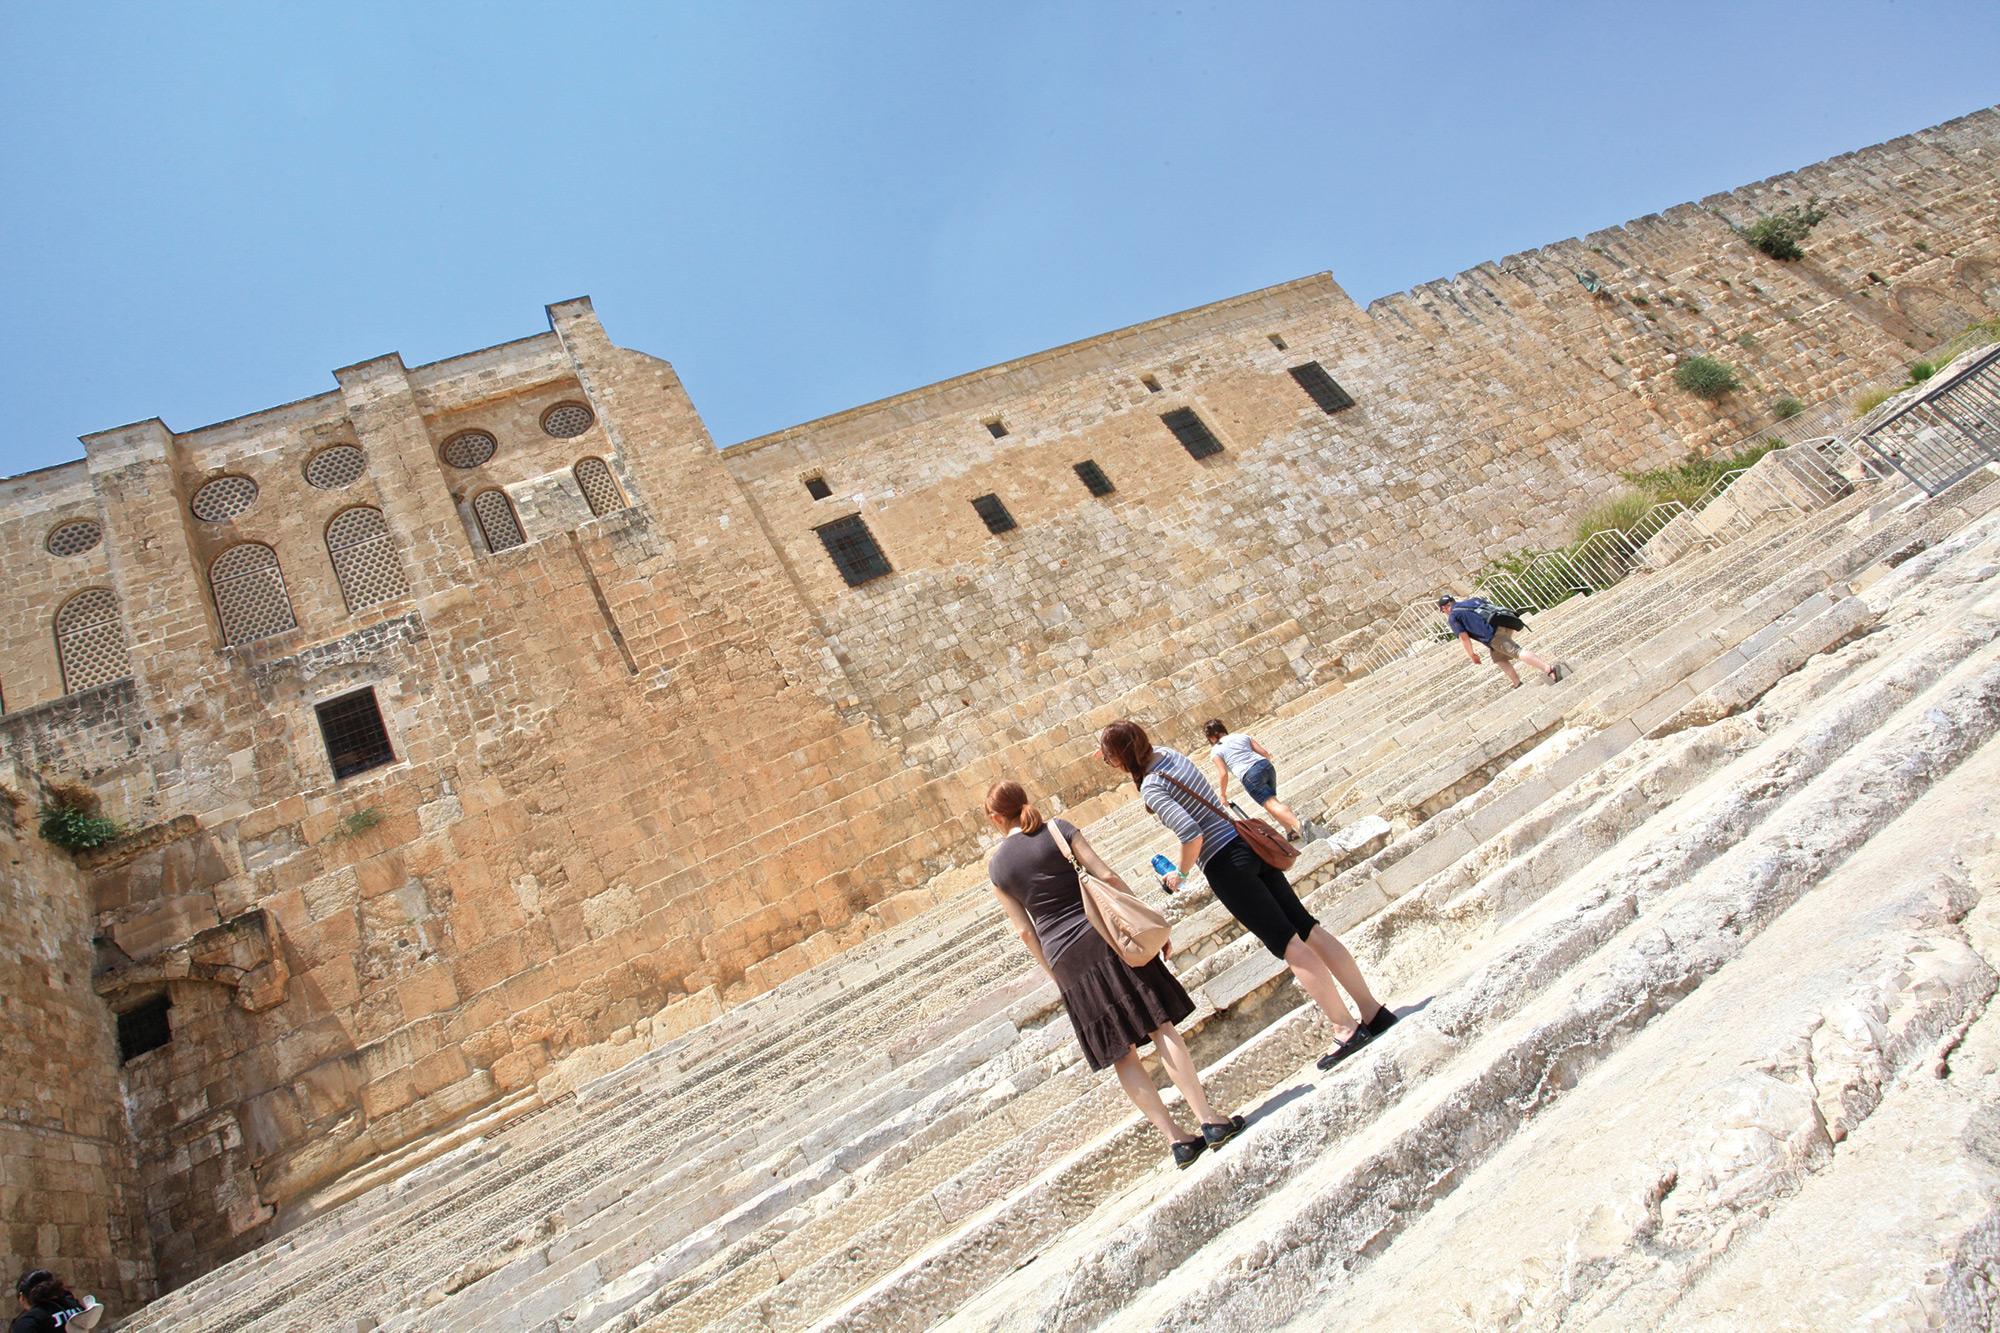 israel in summer 2 essay